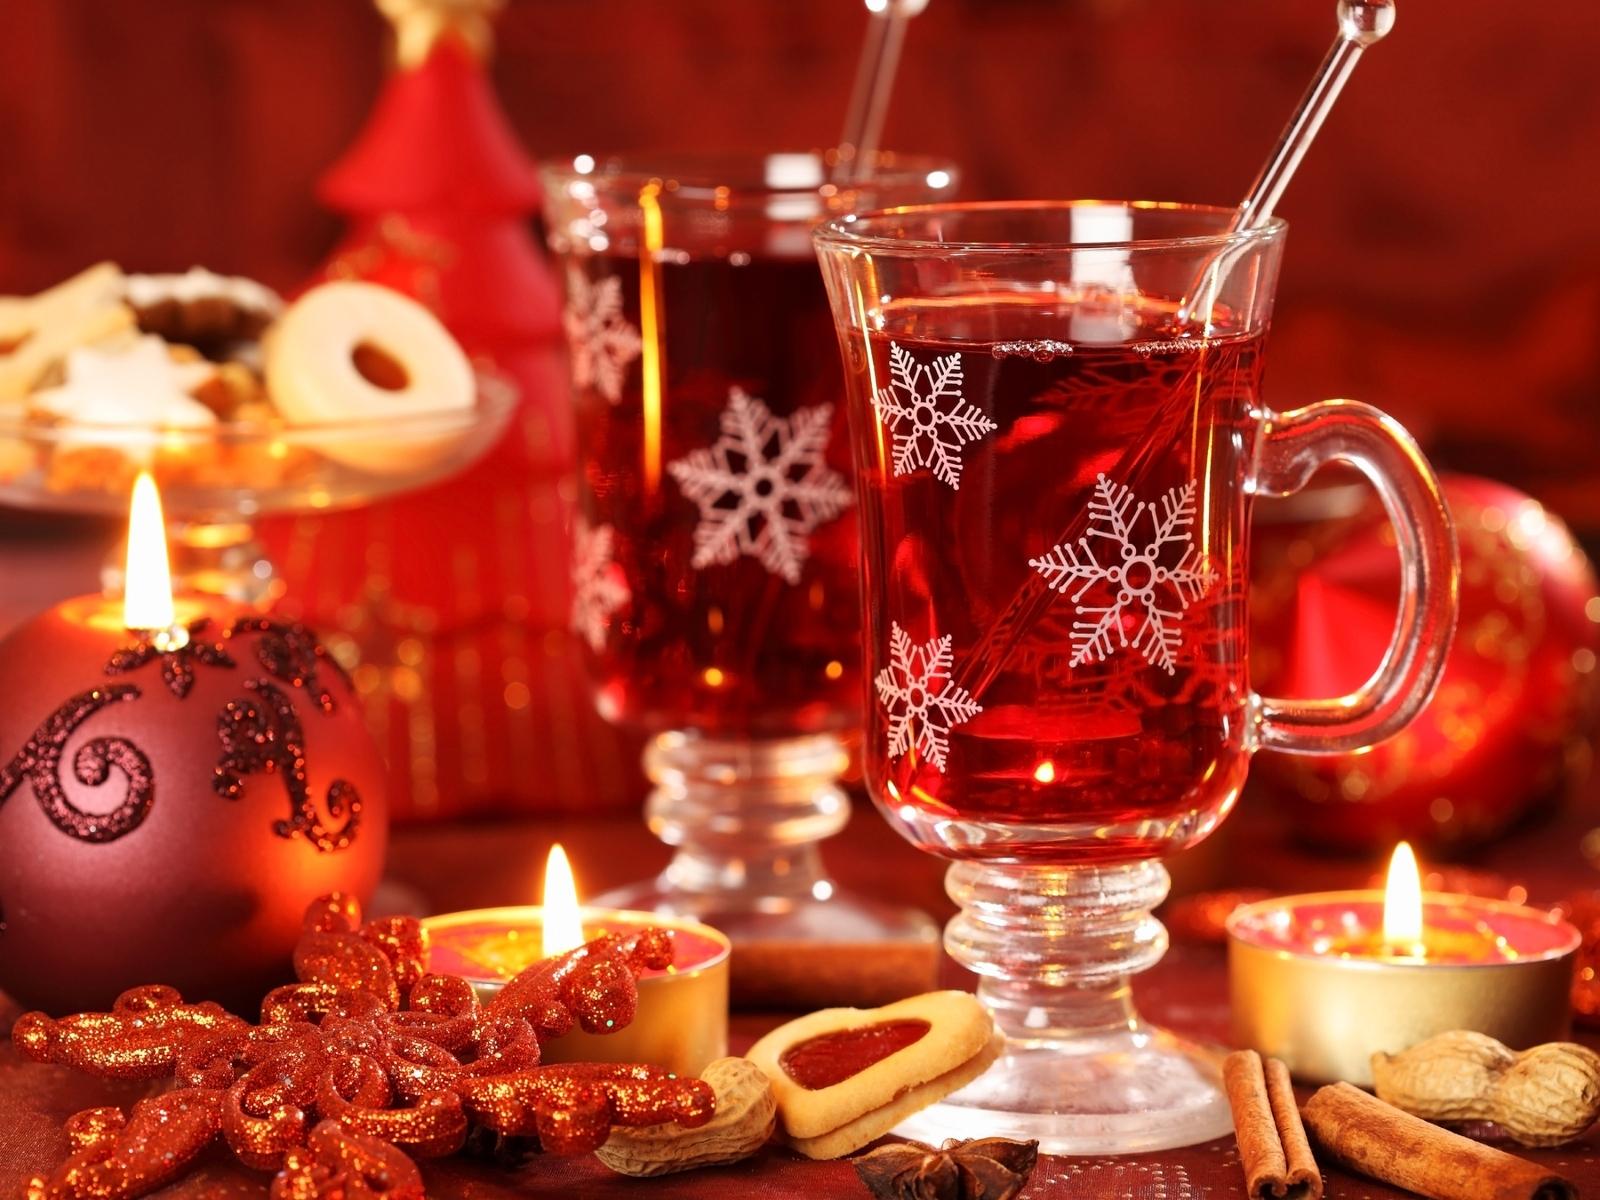 16481 скачать обои Новый Год (New Year), Напитки, Еда, Рождество (Christmas, Xmas) - заставки и картинки бесплатно